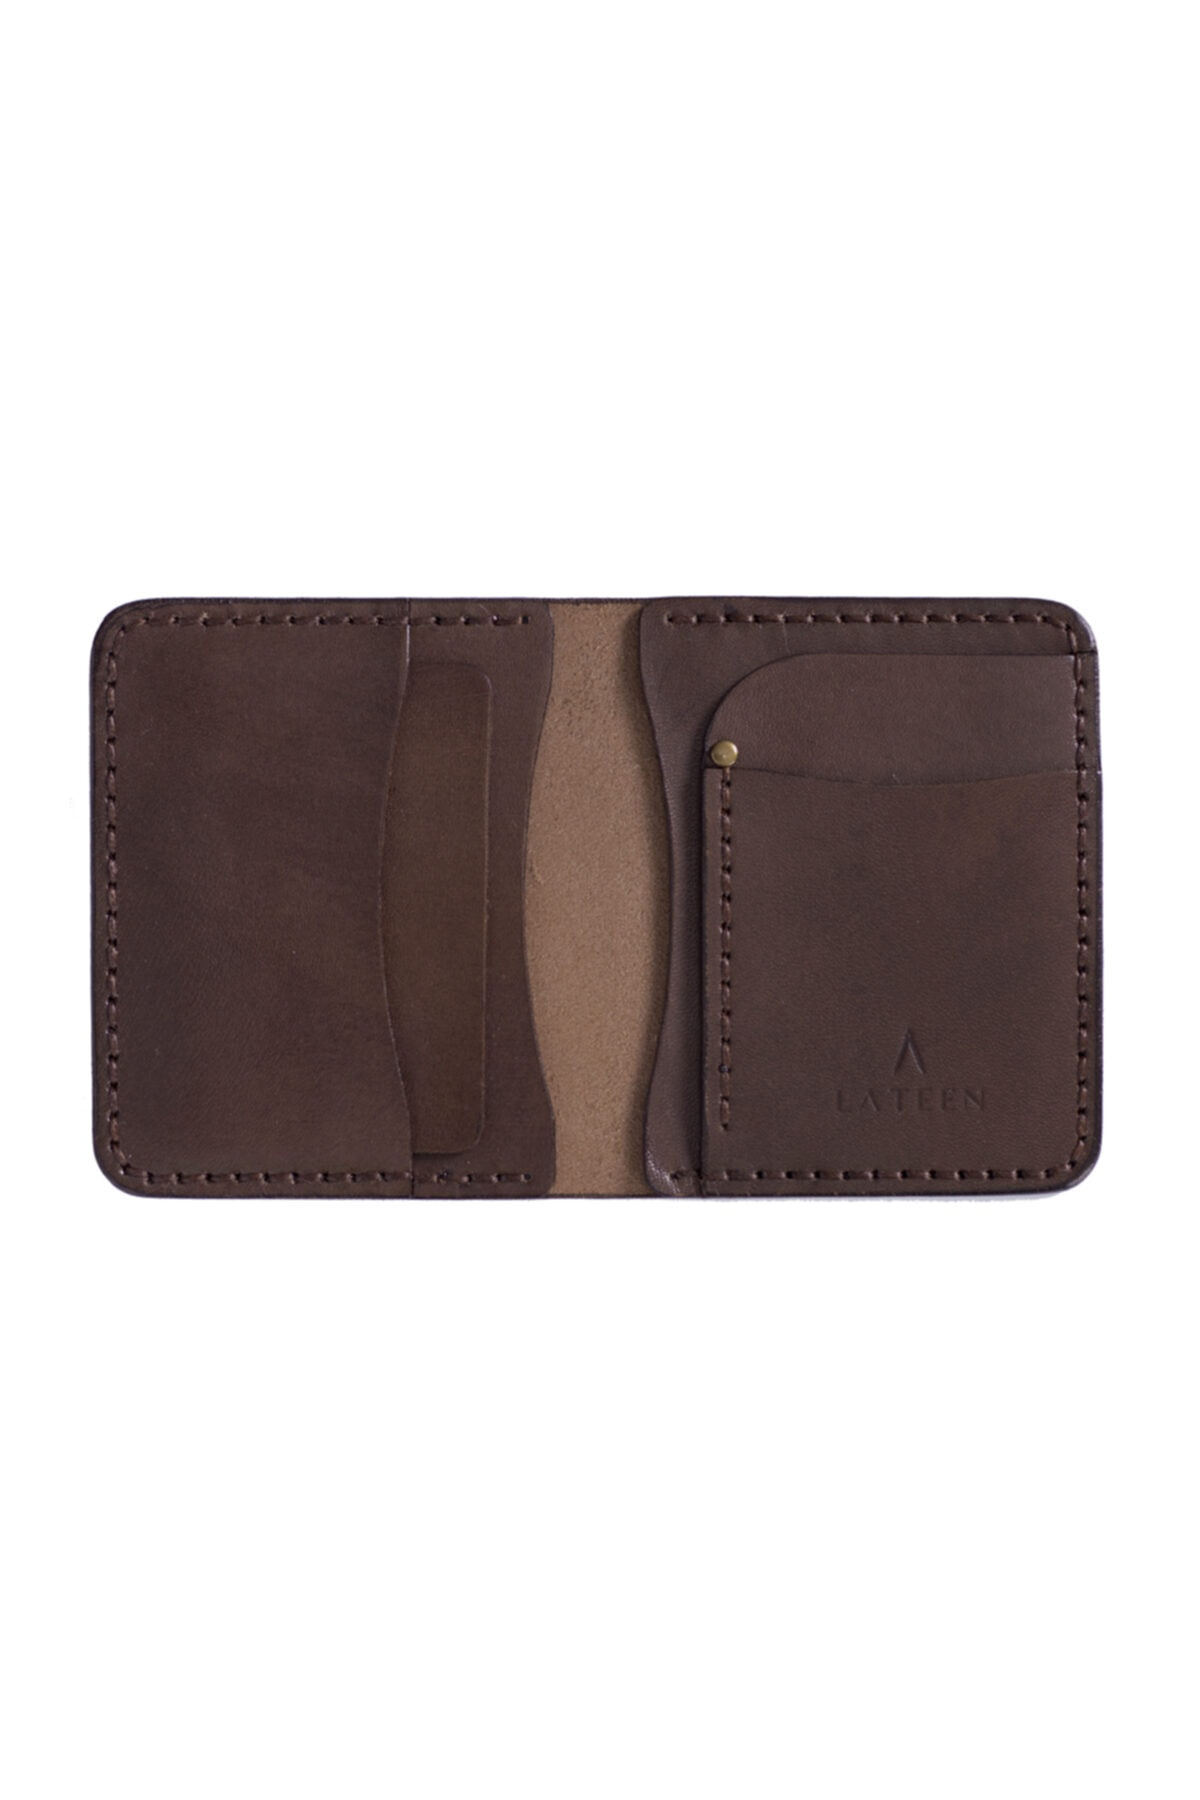 کیف کارت اعتباری مردانه برند Lateen رنگ قهوه ای کد ty117413963